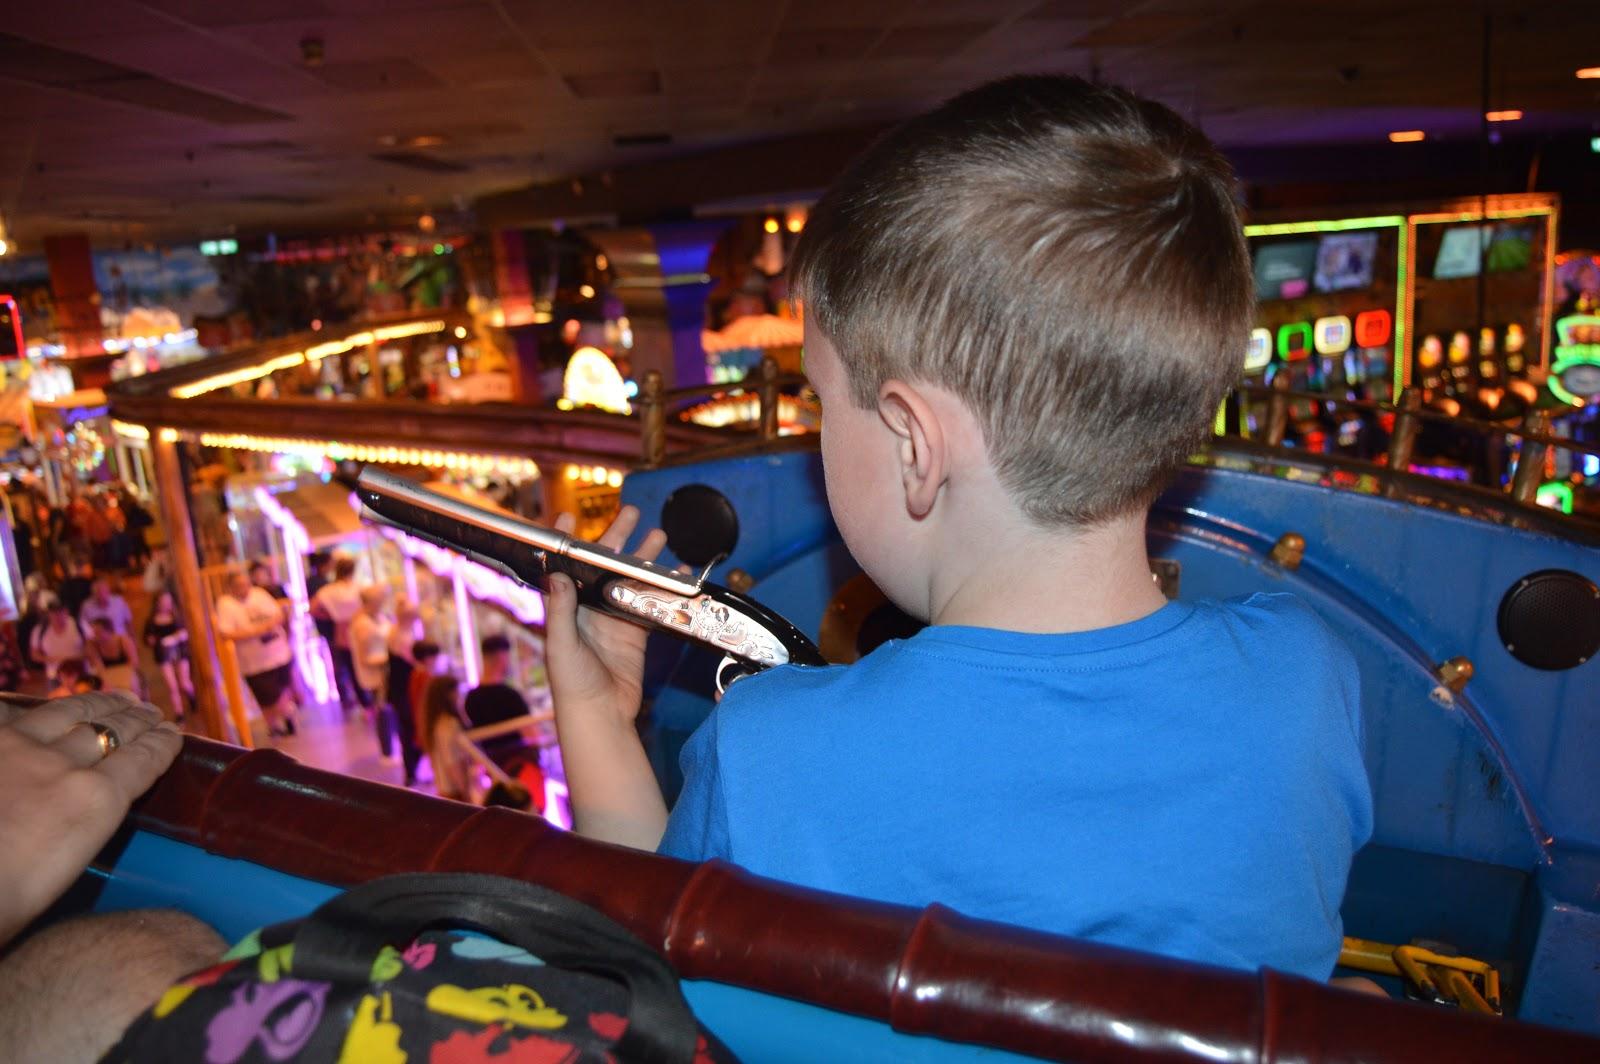 boy on ride in arcade